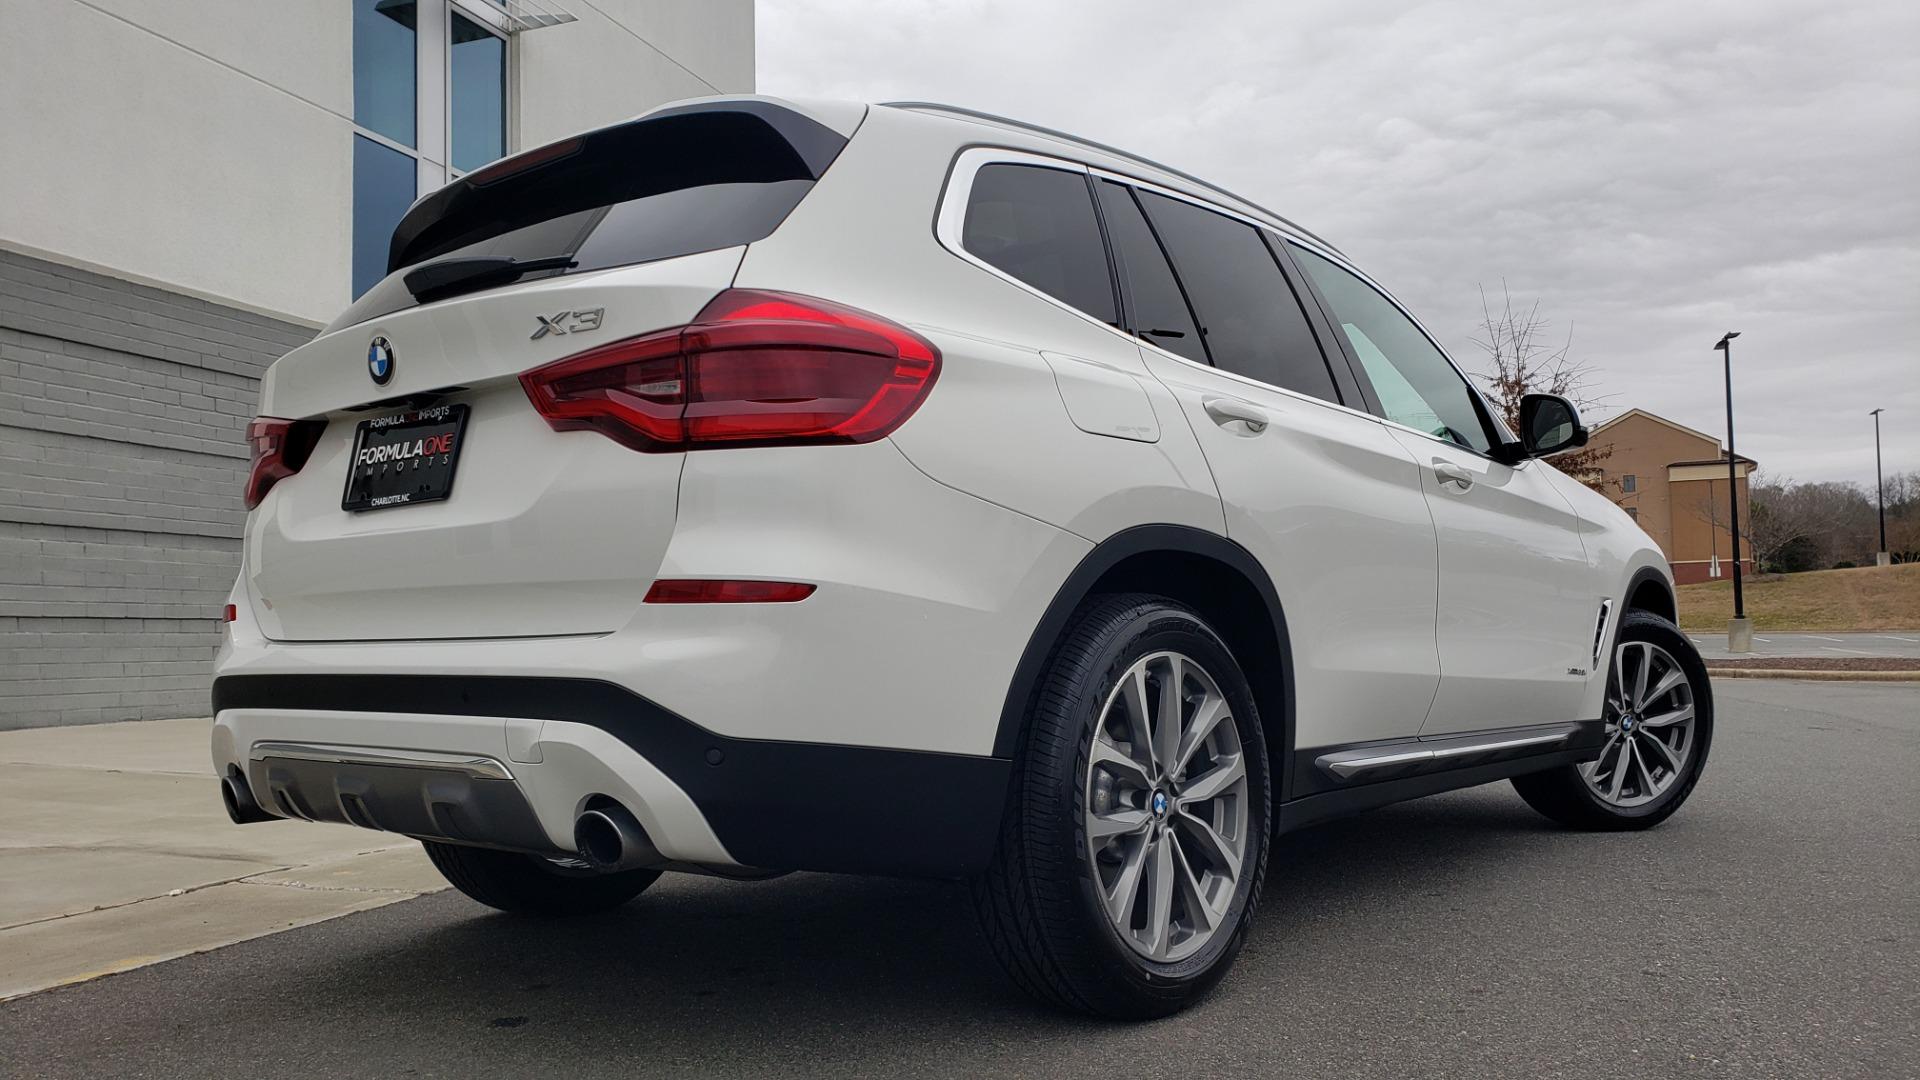 Used 2018 BMW X3 XDRIVE30I / LUX PKG / PREM PKG / CONV PKG / PDC / APPLE CARPLAY for sale Sold at Formula Imports in Charlotte NC 28227 2